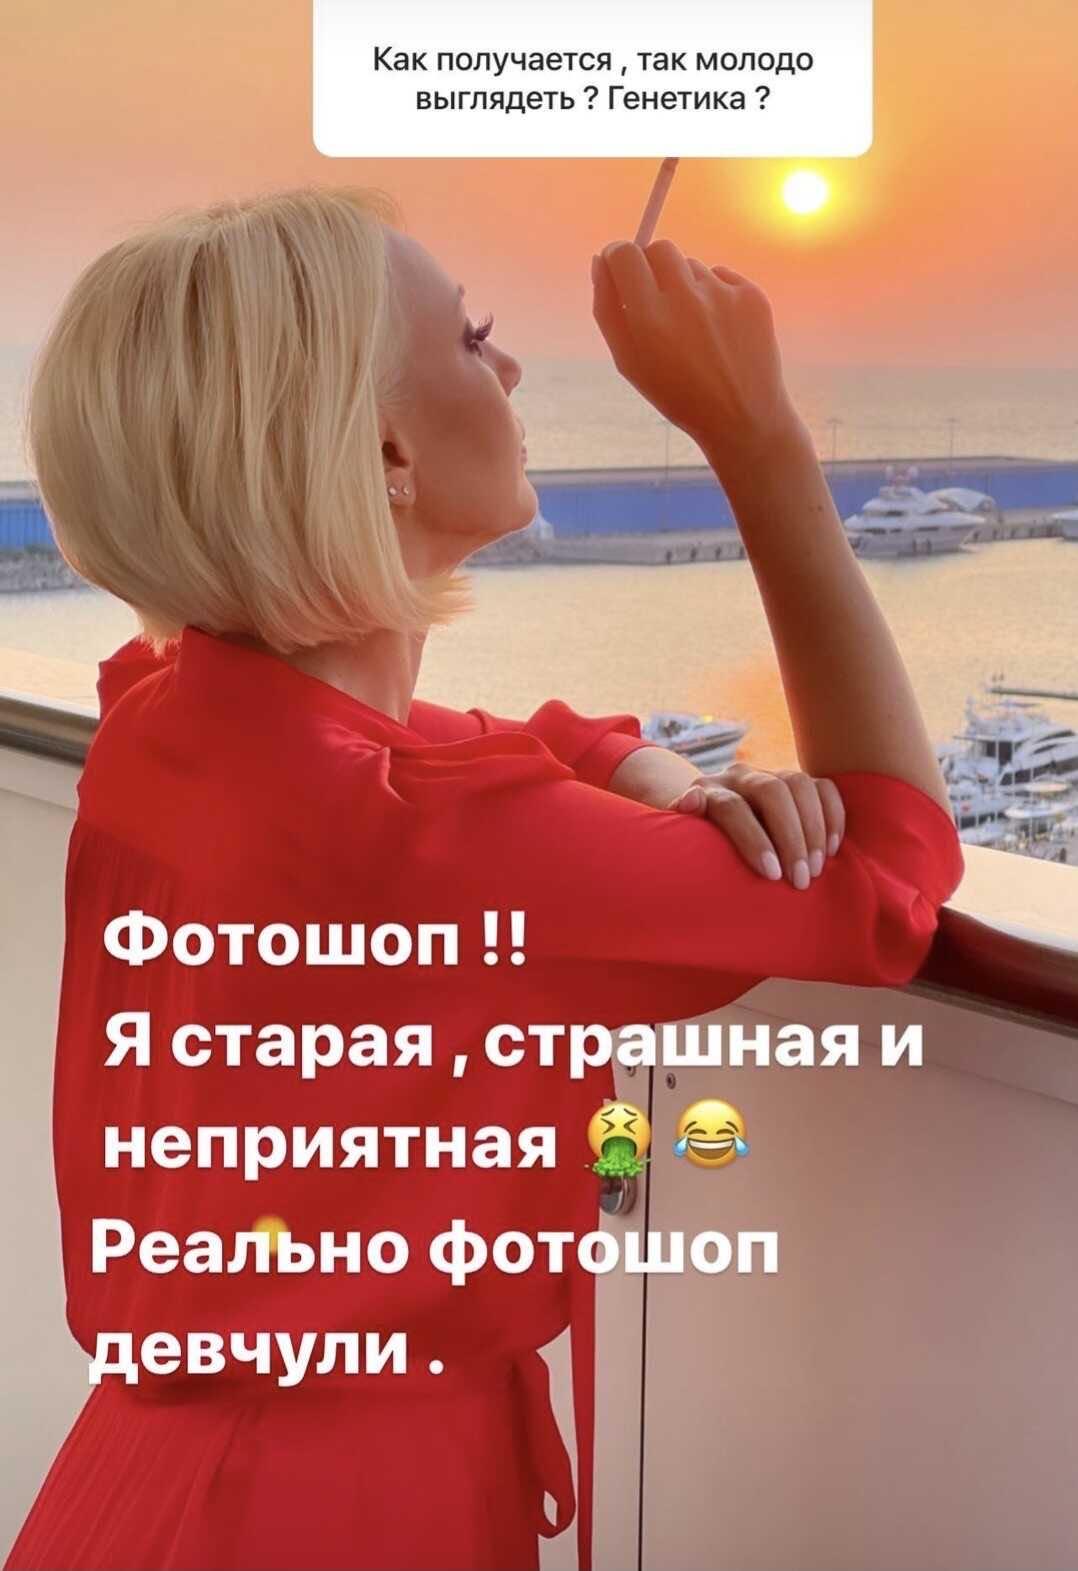 «Я старая, страшная и неприятная»: Лера Кудрявцева показала, как выглядит без косметики и фотошопа